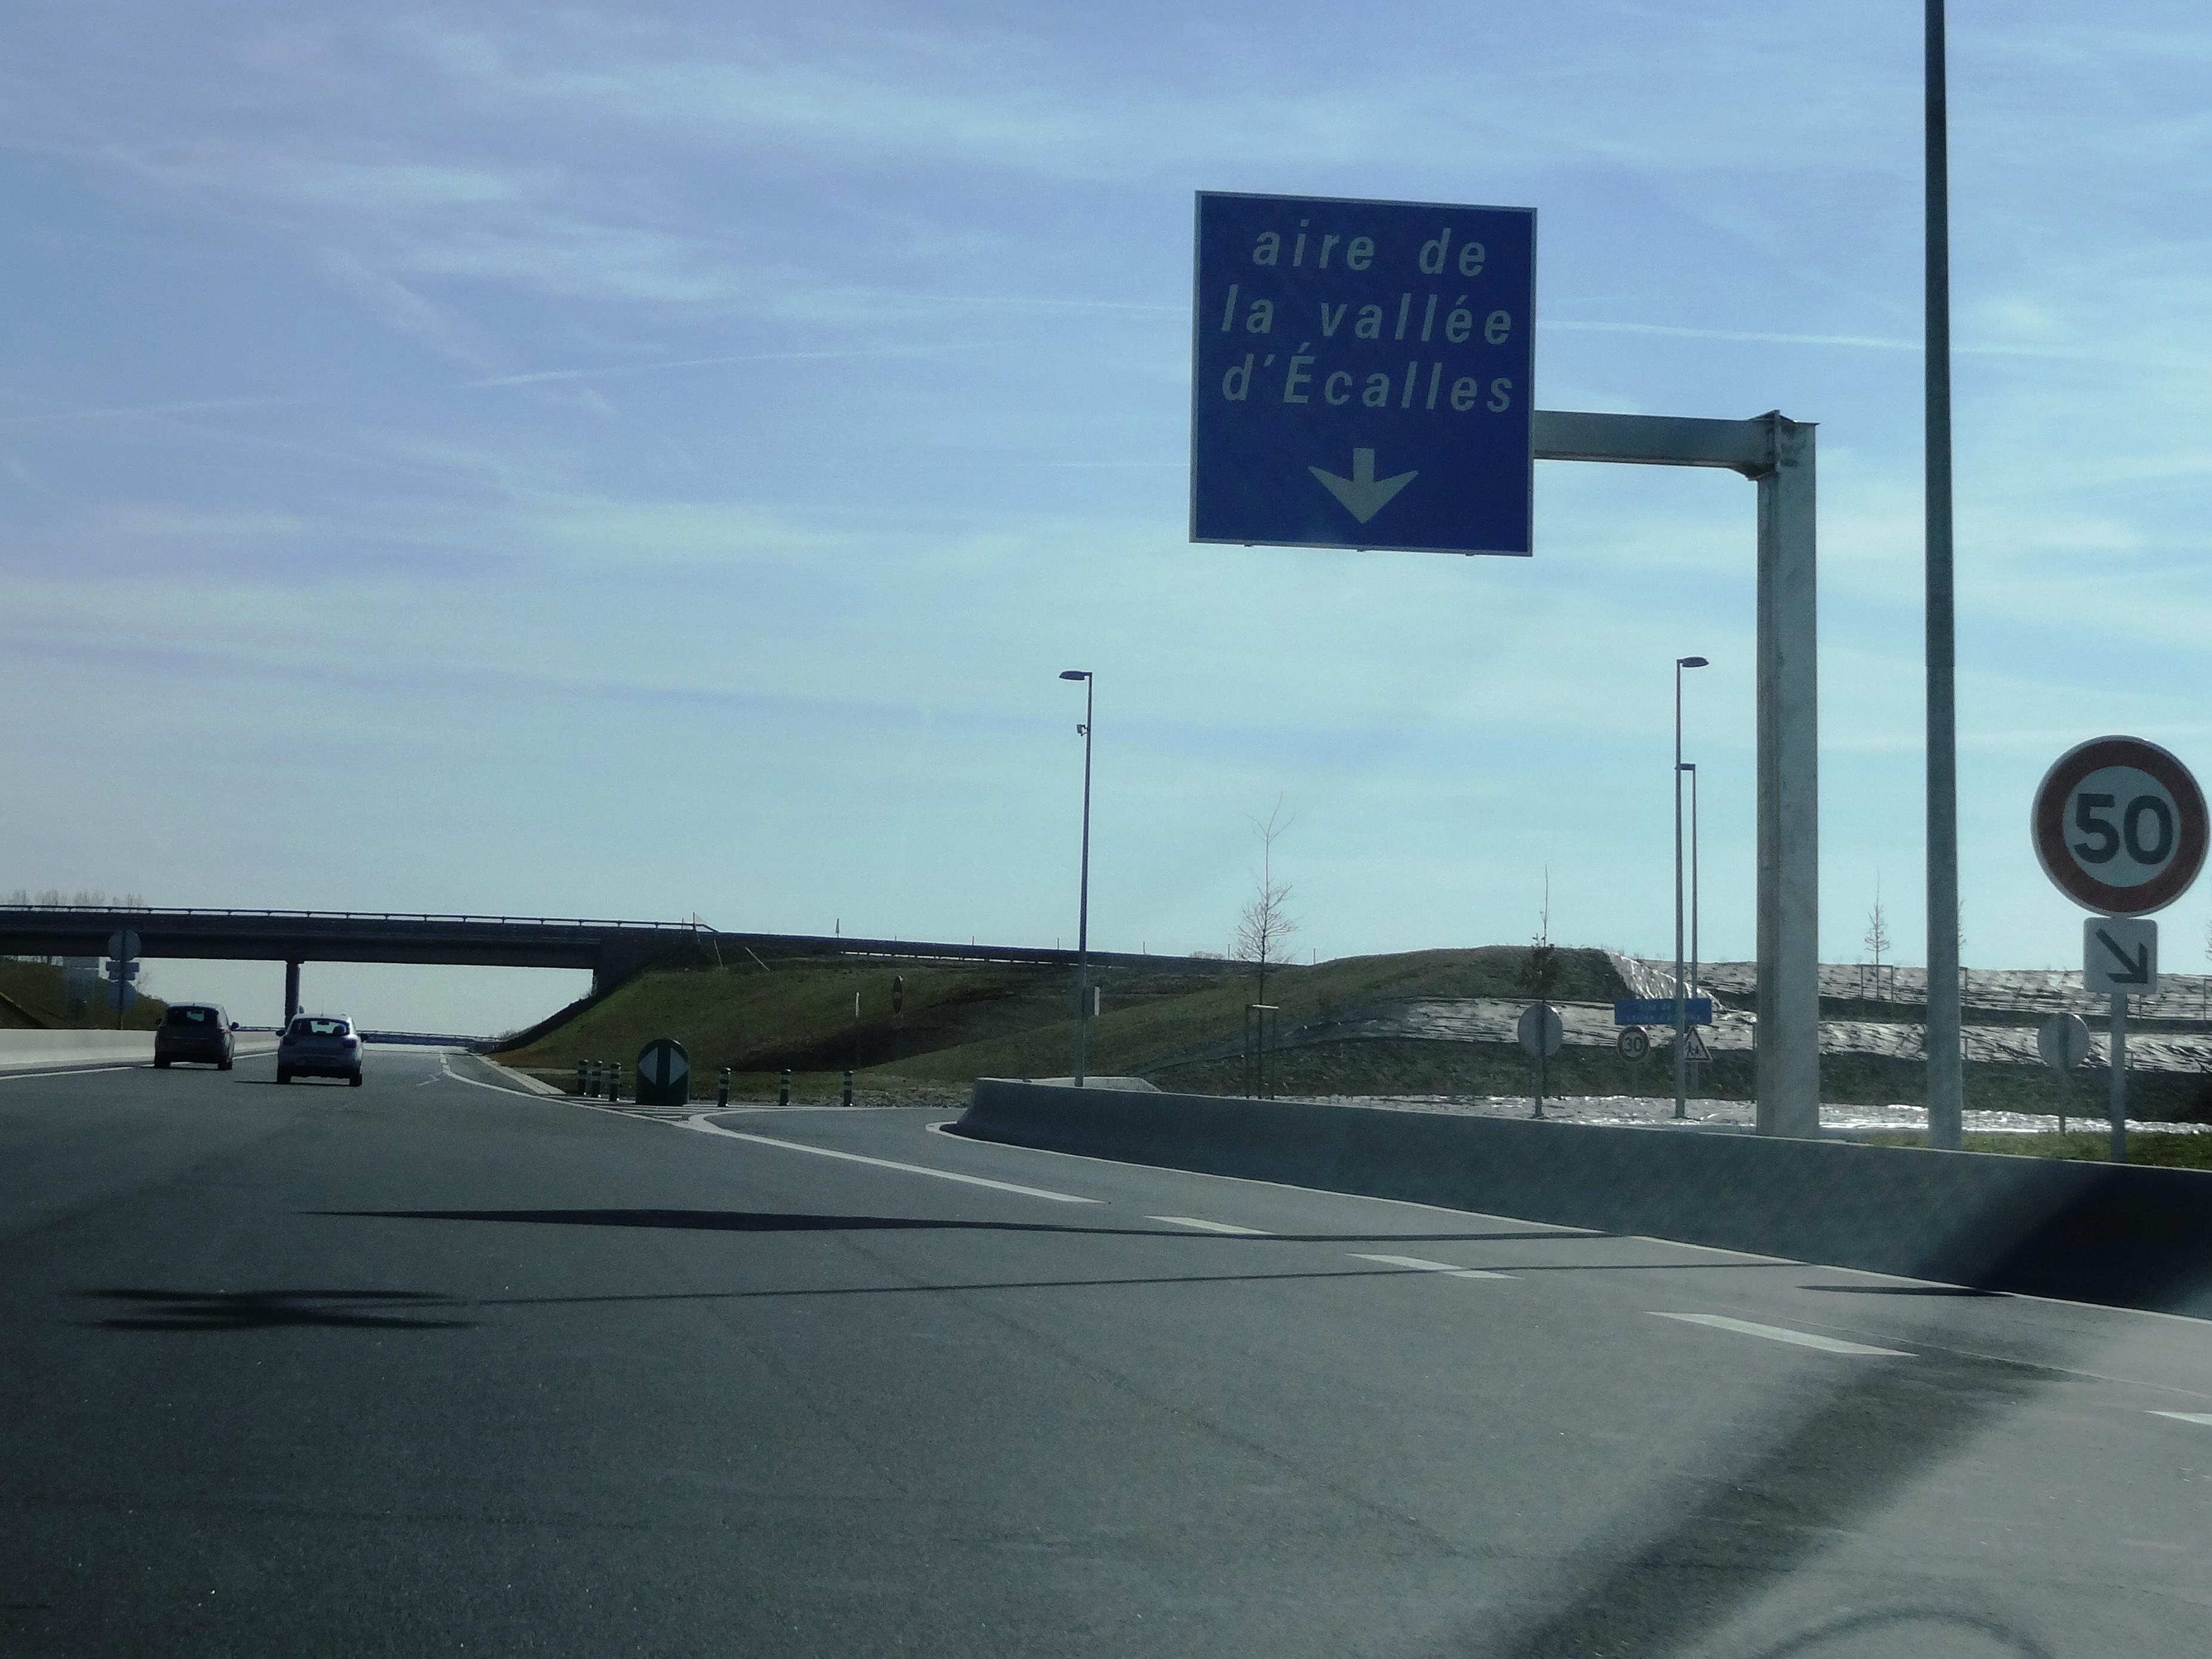 Autoroute française A150 (Aires)